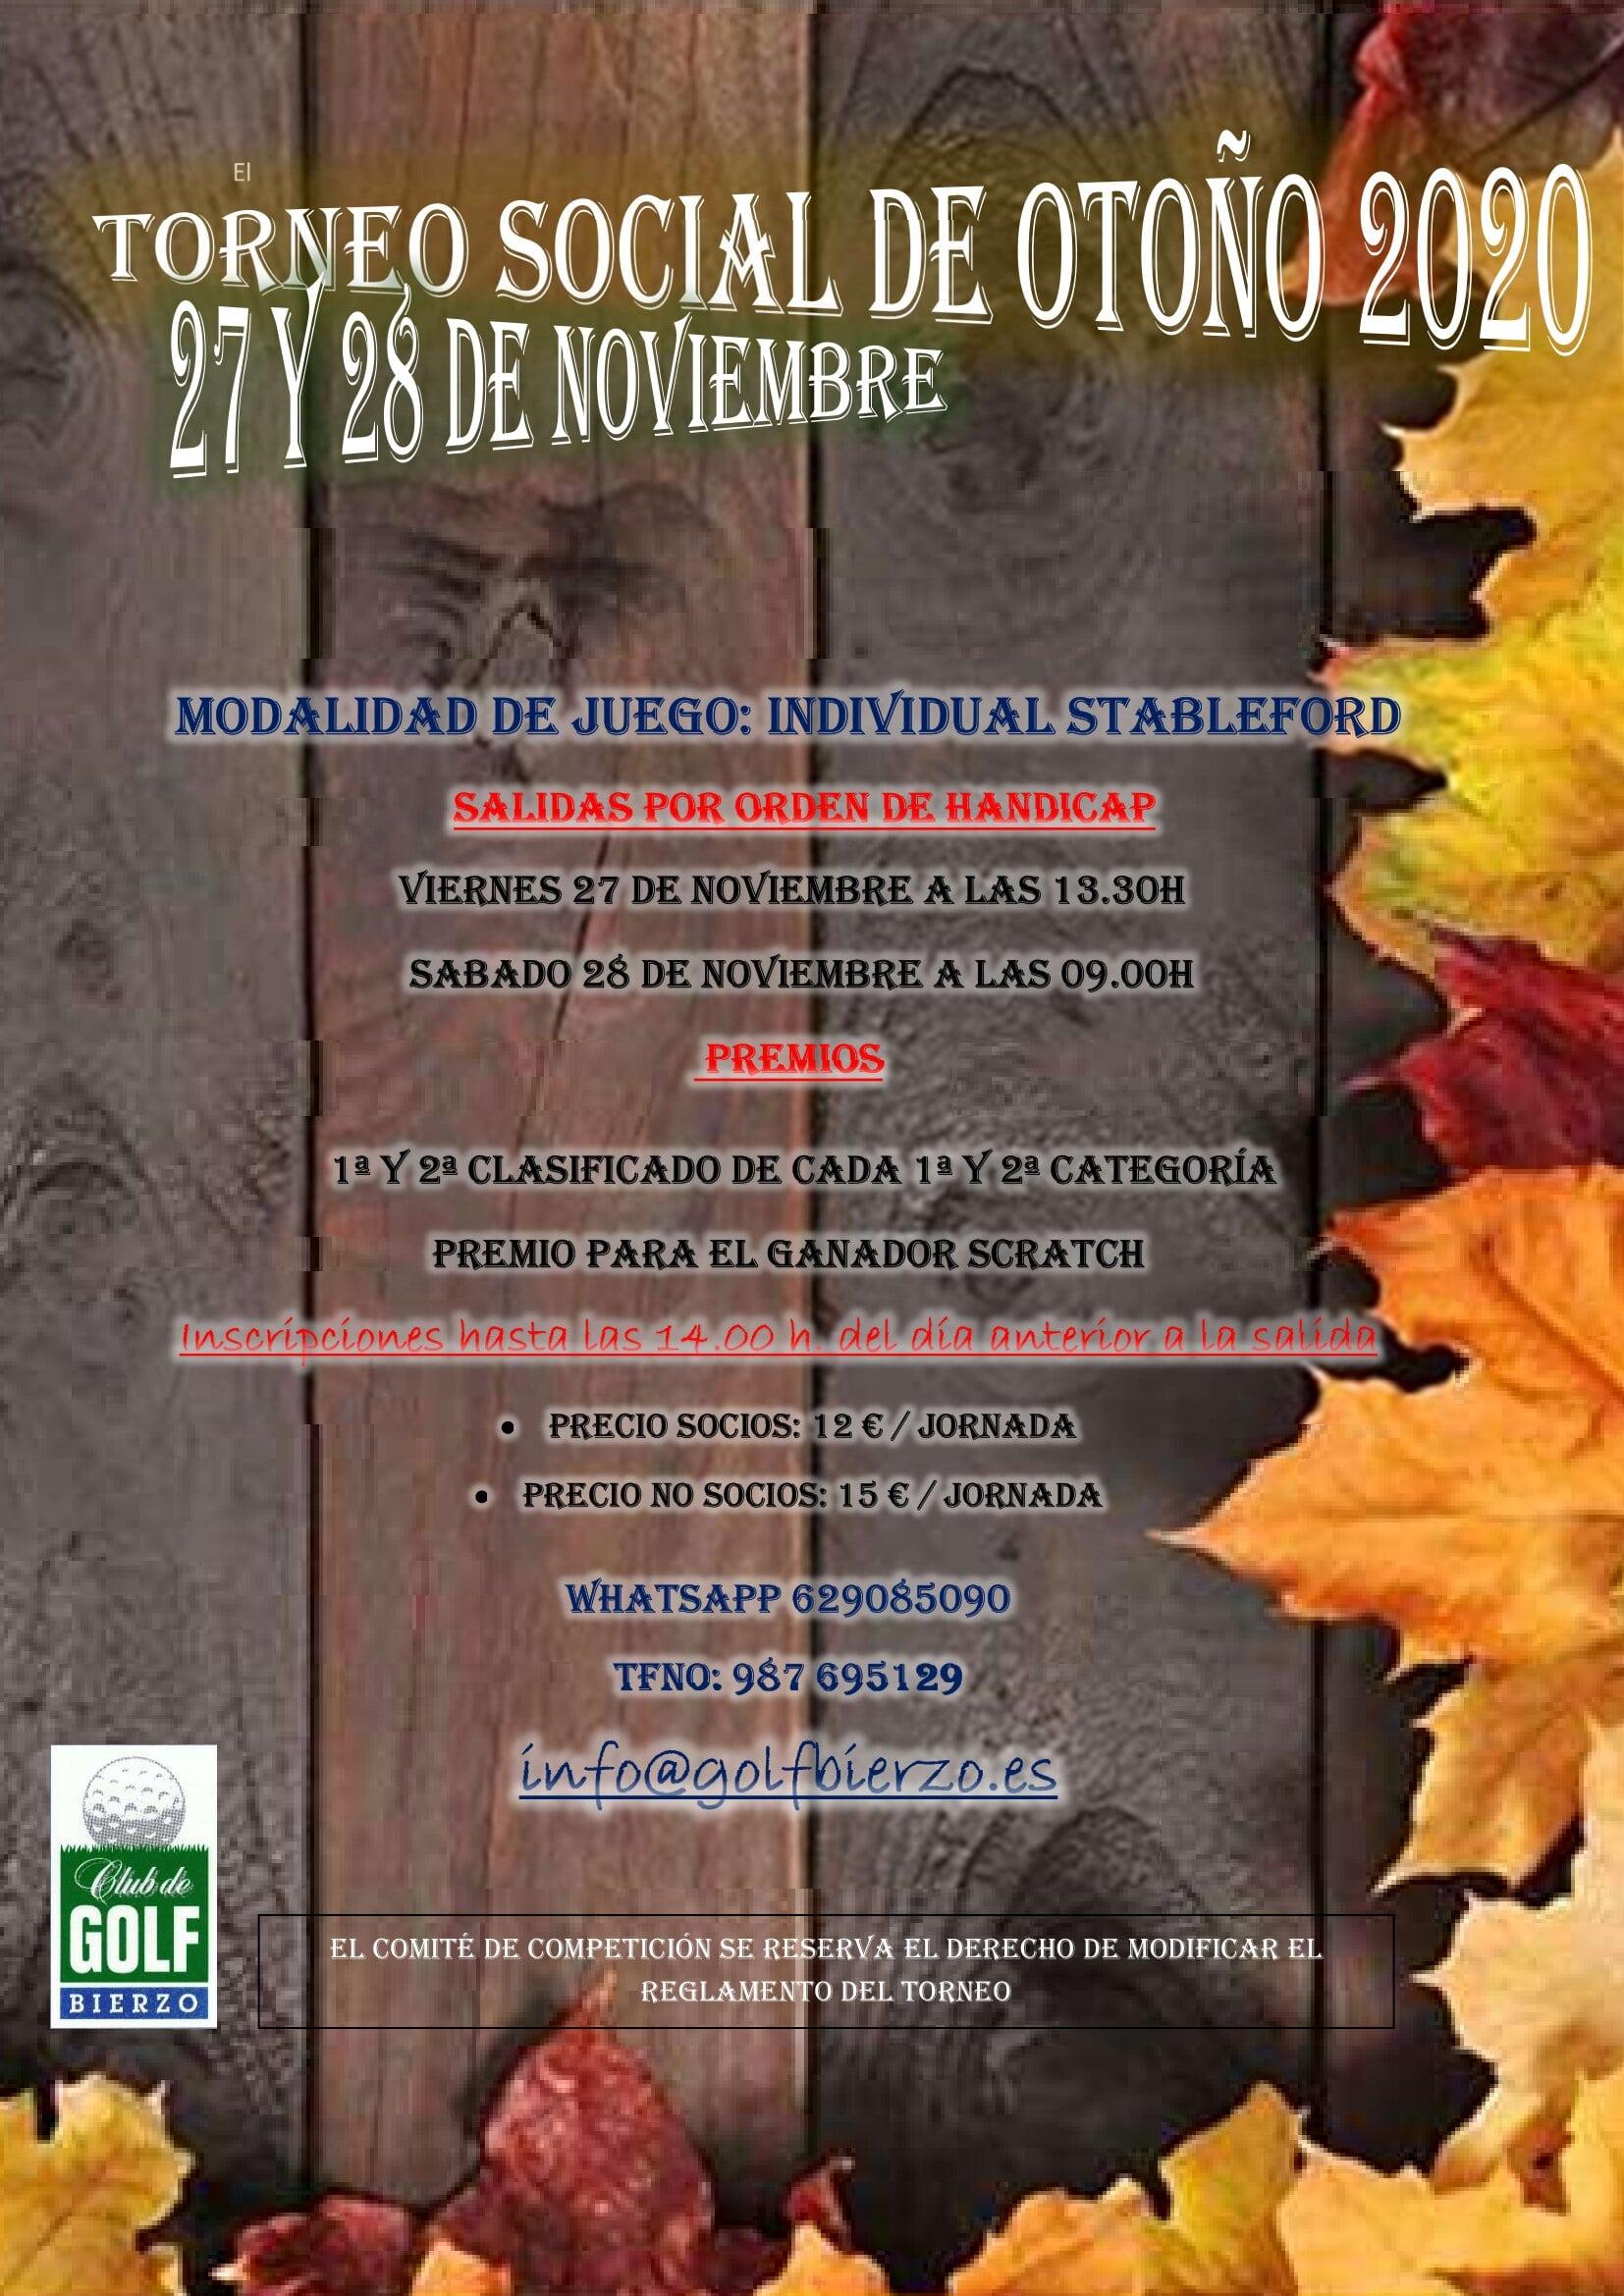 Planes de ocio en el Bierzo para el fin de semana. 27 al 29 de noviembre 2020 2